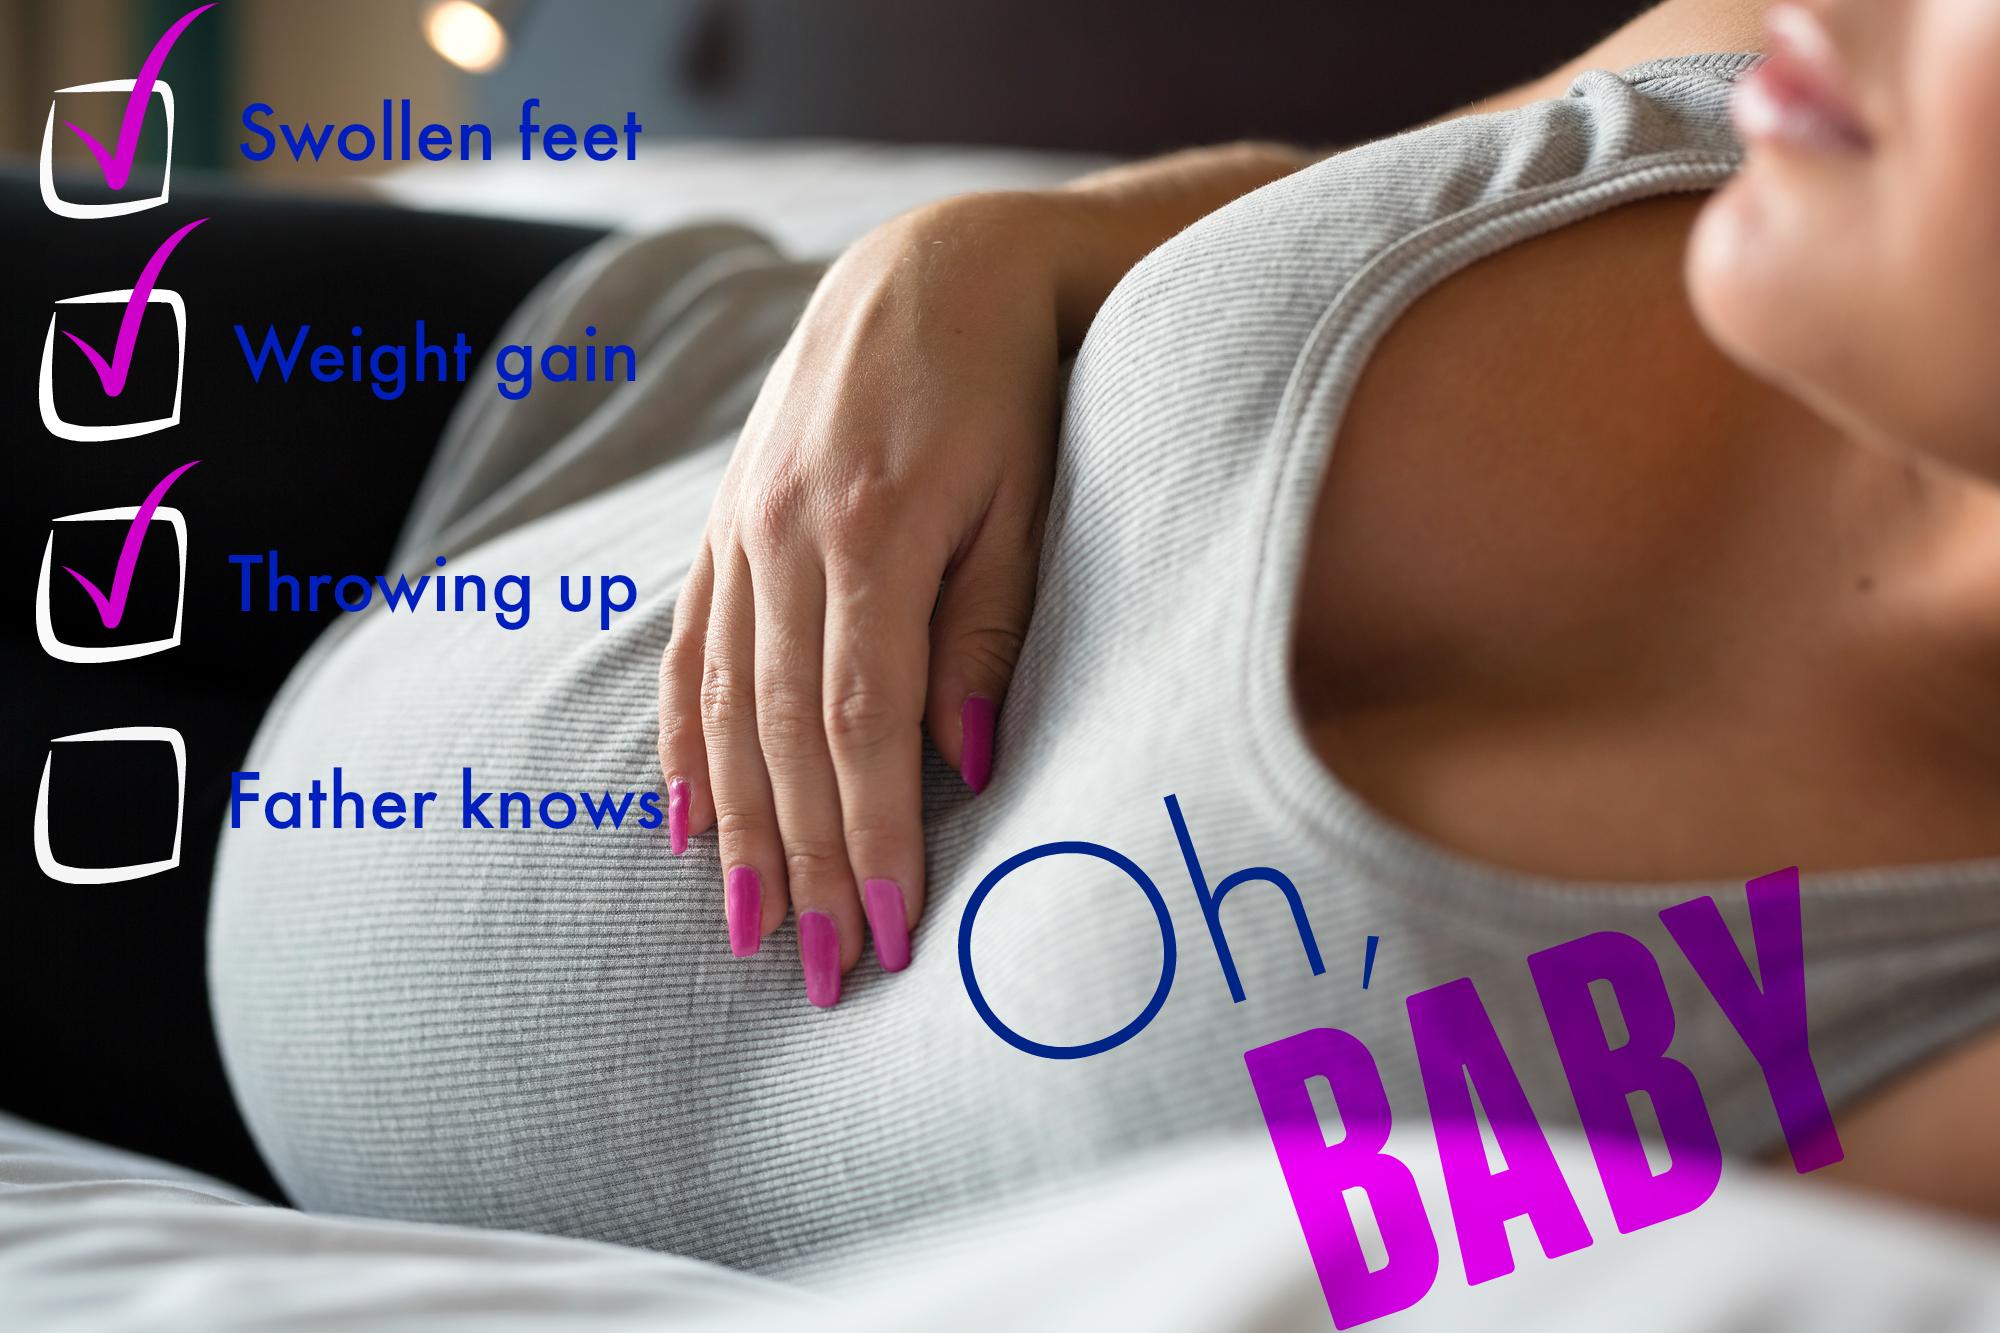 Oh, BABY teaser1.jpg